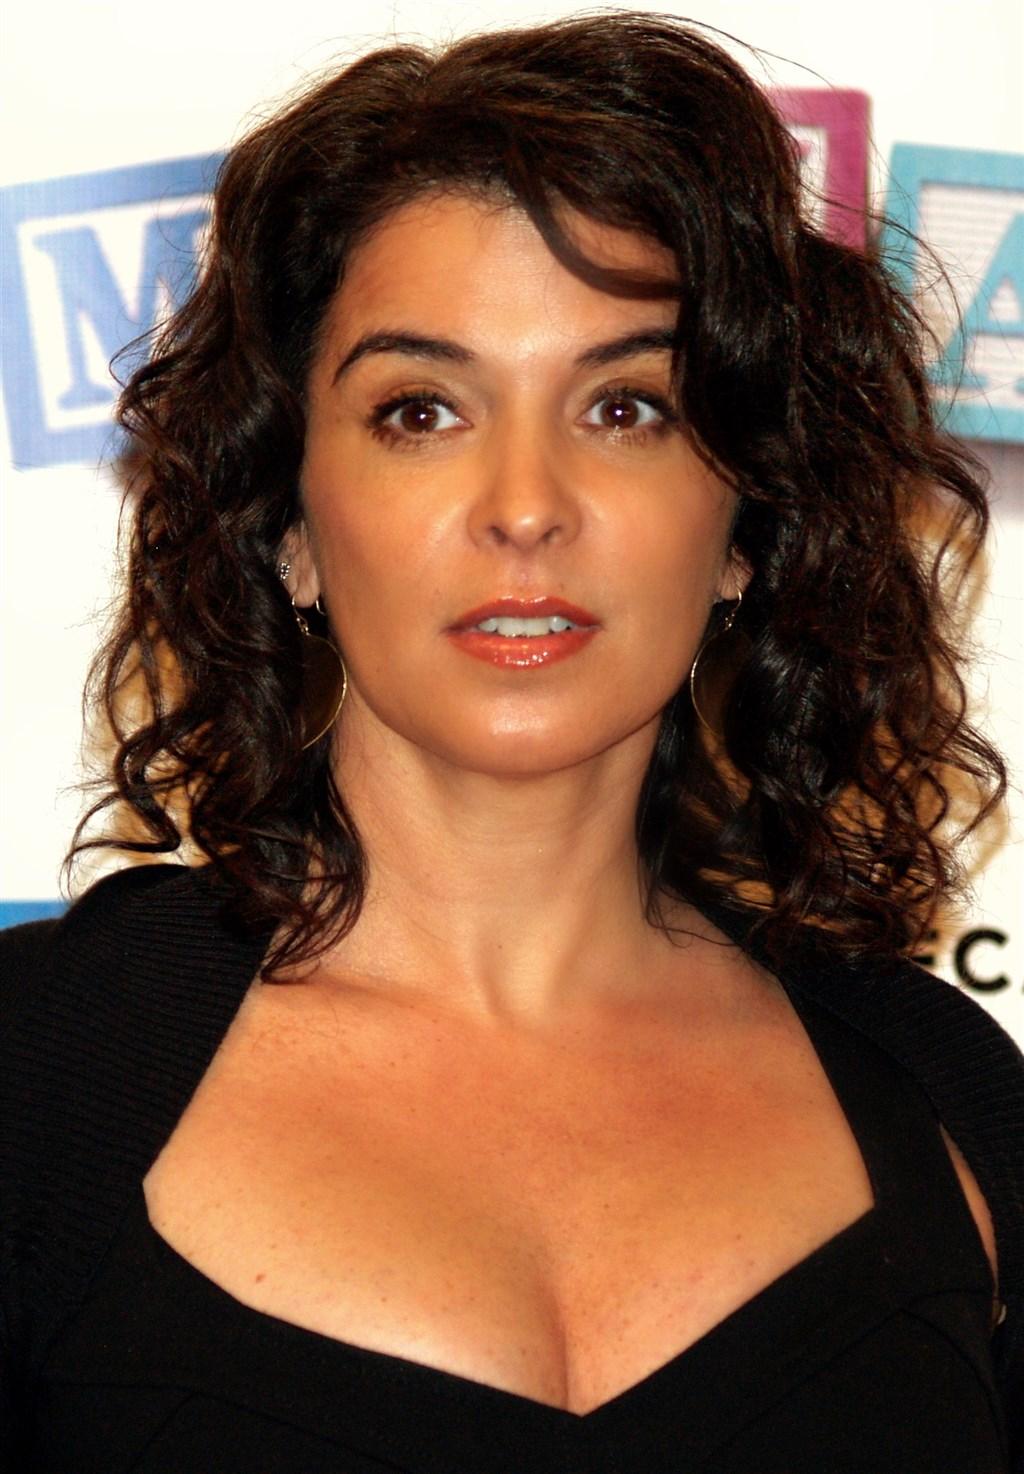 美國紐約一位法官27日裁定,HBO影集「黑道家族」女星安娜貝拉席歐拉(圖),可為好萊塢前金牌製片哈維溫斯坦被控性侵案出庭作證。(圖取自維基共享資源;作者:David Shankbone,CC BY 3.0)